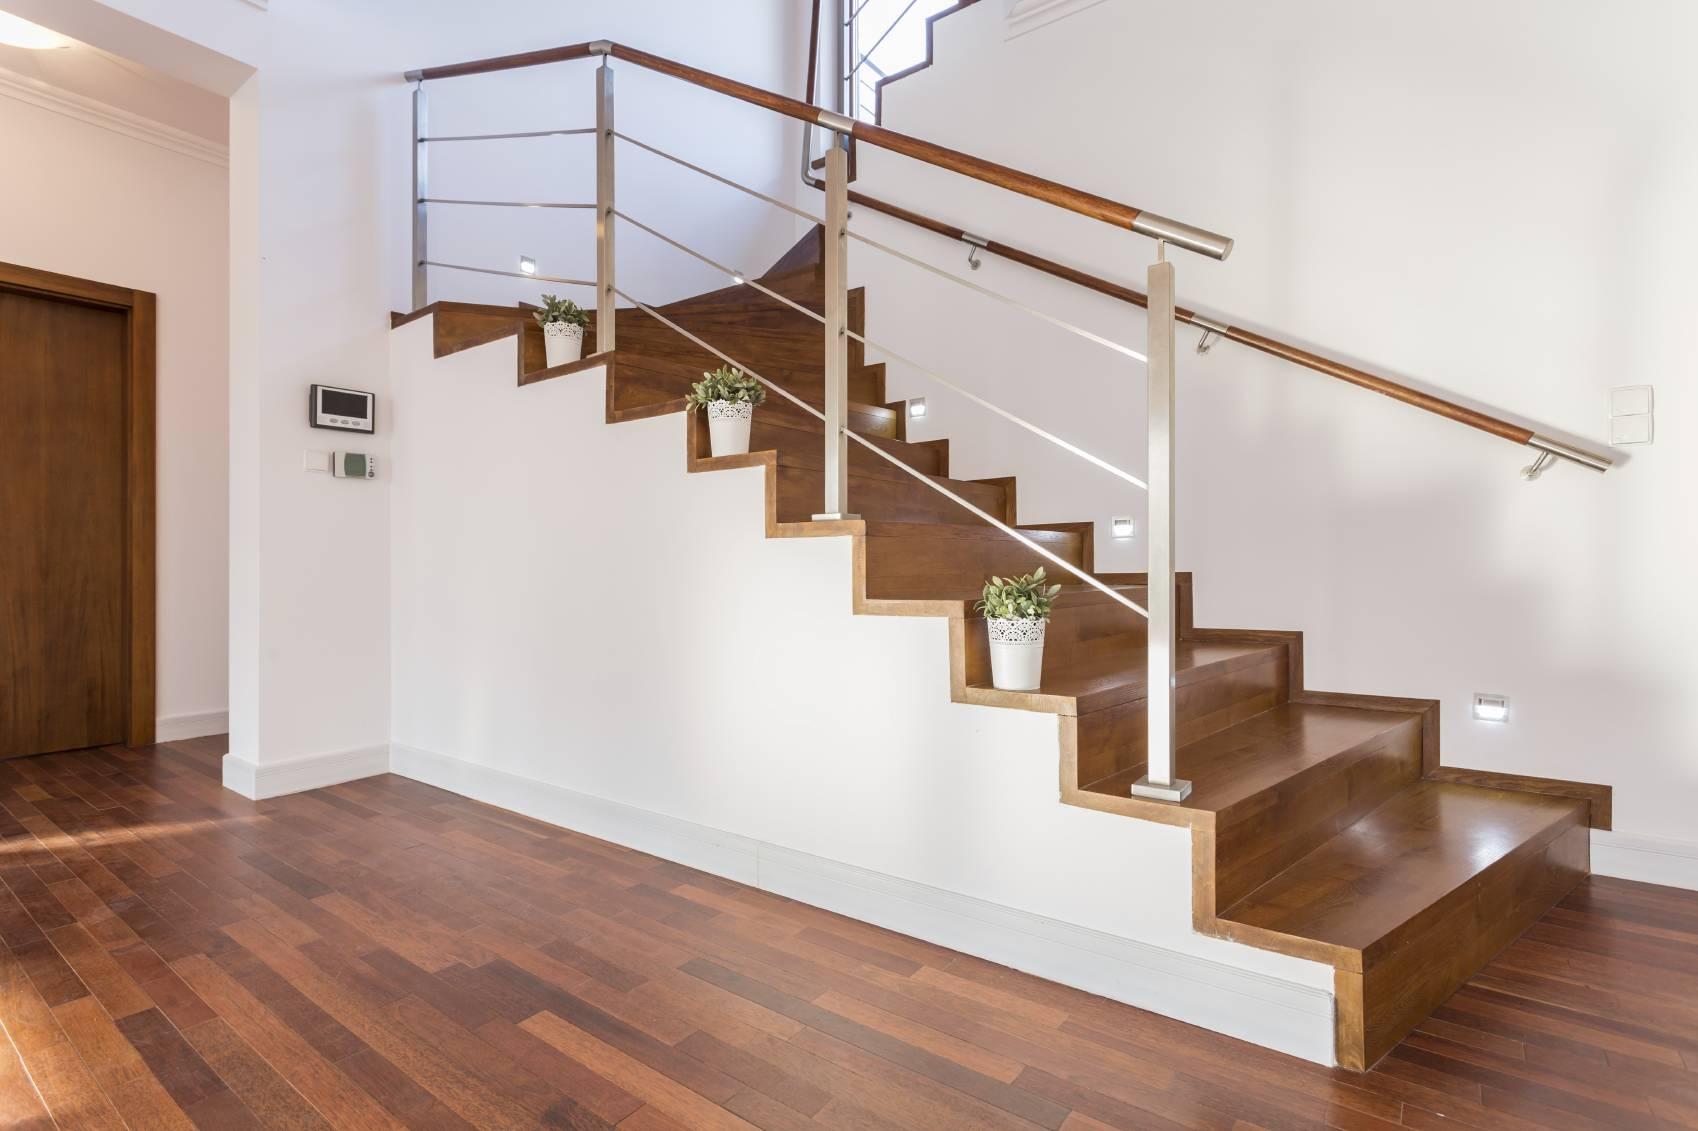 pourquoi installer un monte escalier droit chez soi. Black Bedroom Furniture Sets. Home Design Ideas